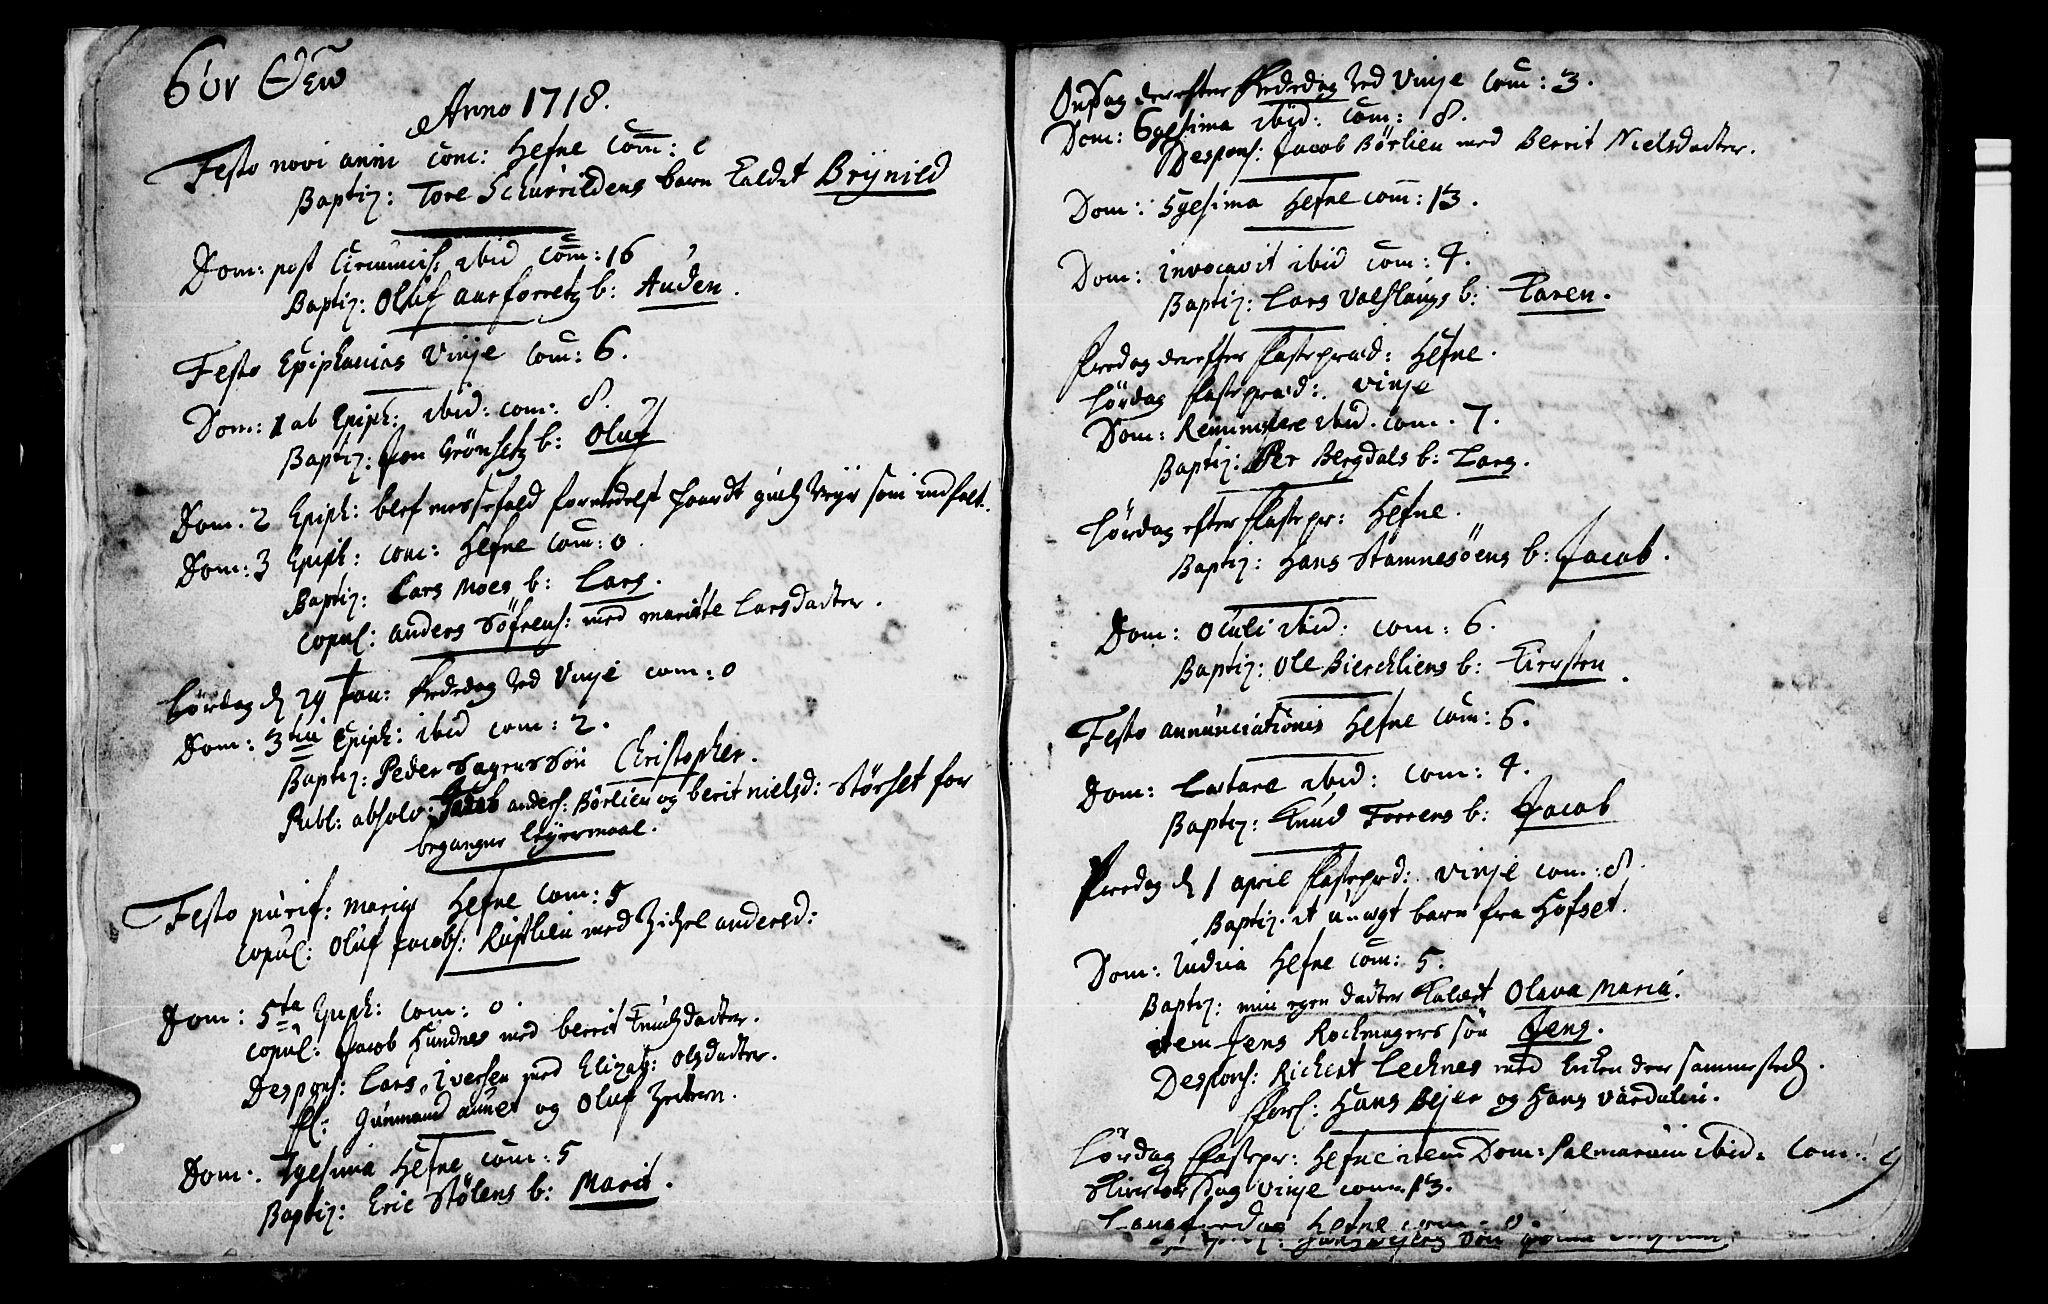 SAT, Ministerialprotokoller, klokkerbøker og fødselsregistre - Sør-Trøndelag, 630/L0488: Ministerialbok nr. 630A01, 1717-1756, s. 6-7